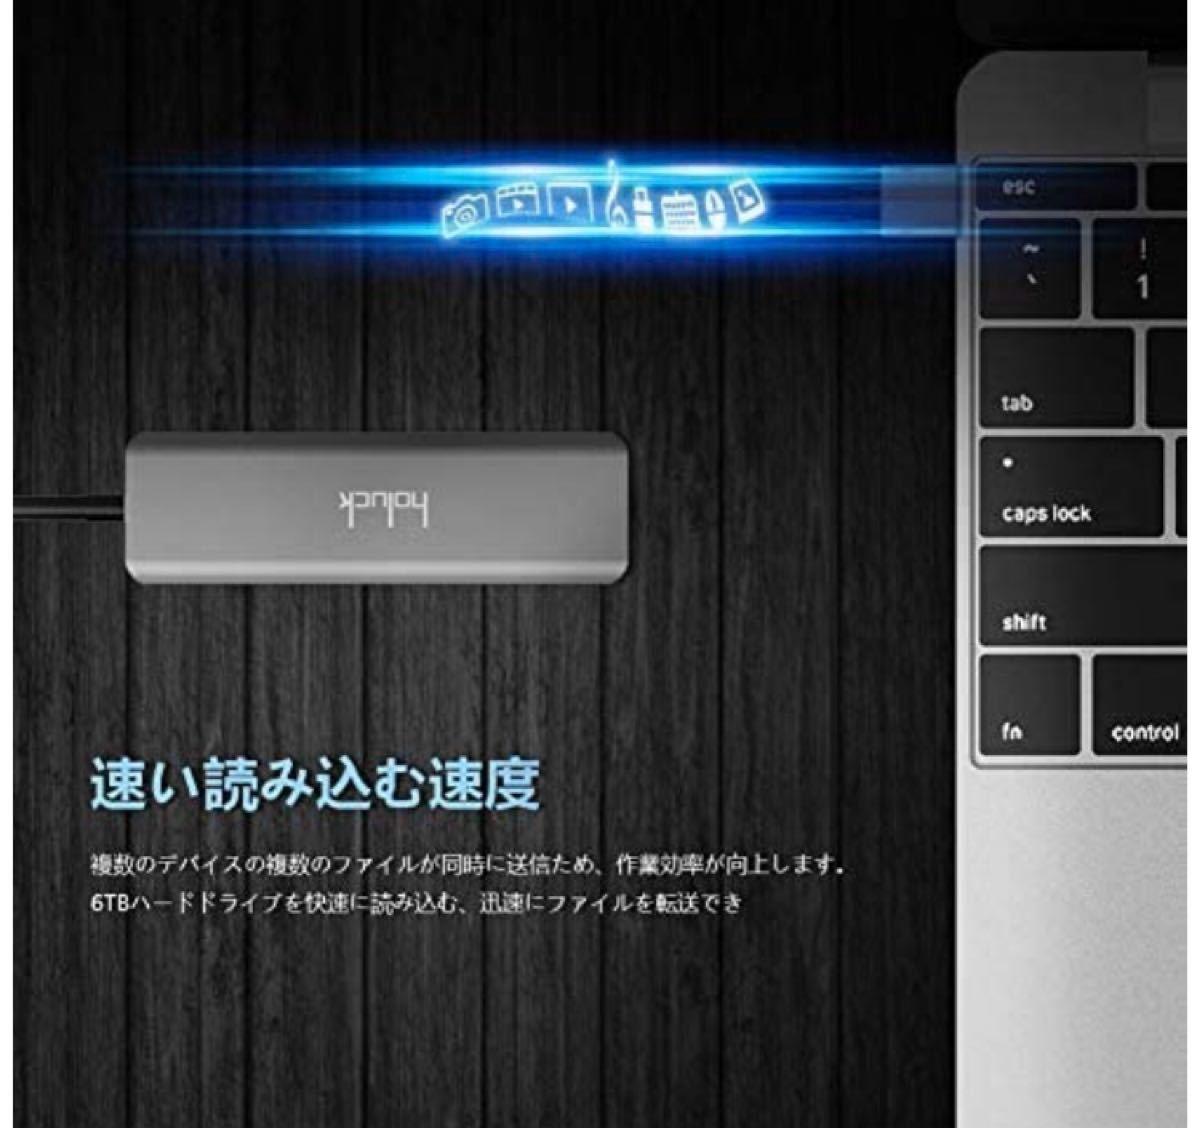 USB 3.0 ハブ USB HUB ウルトラスリム ポート 5Gbps 高速